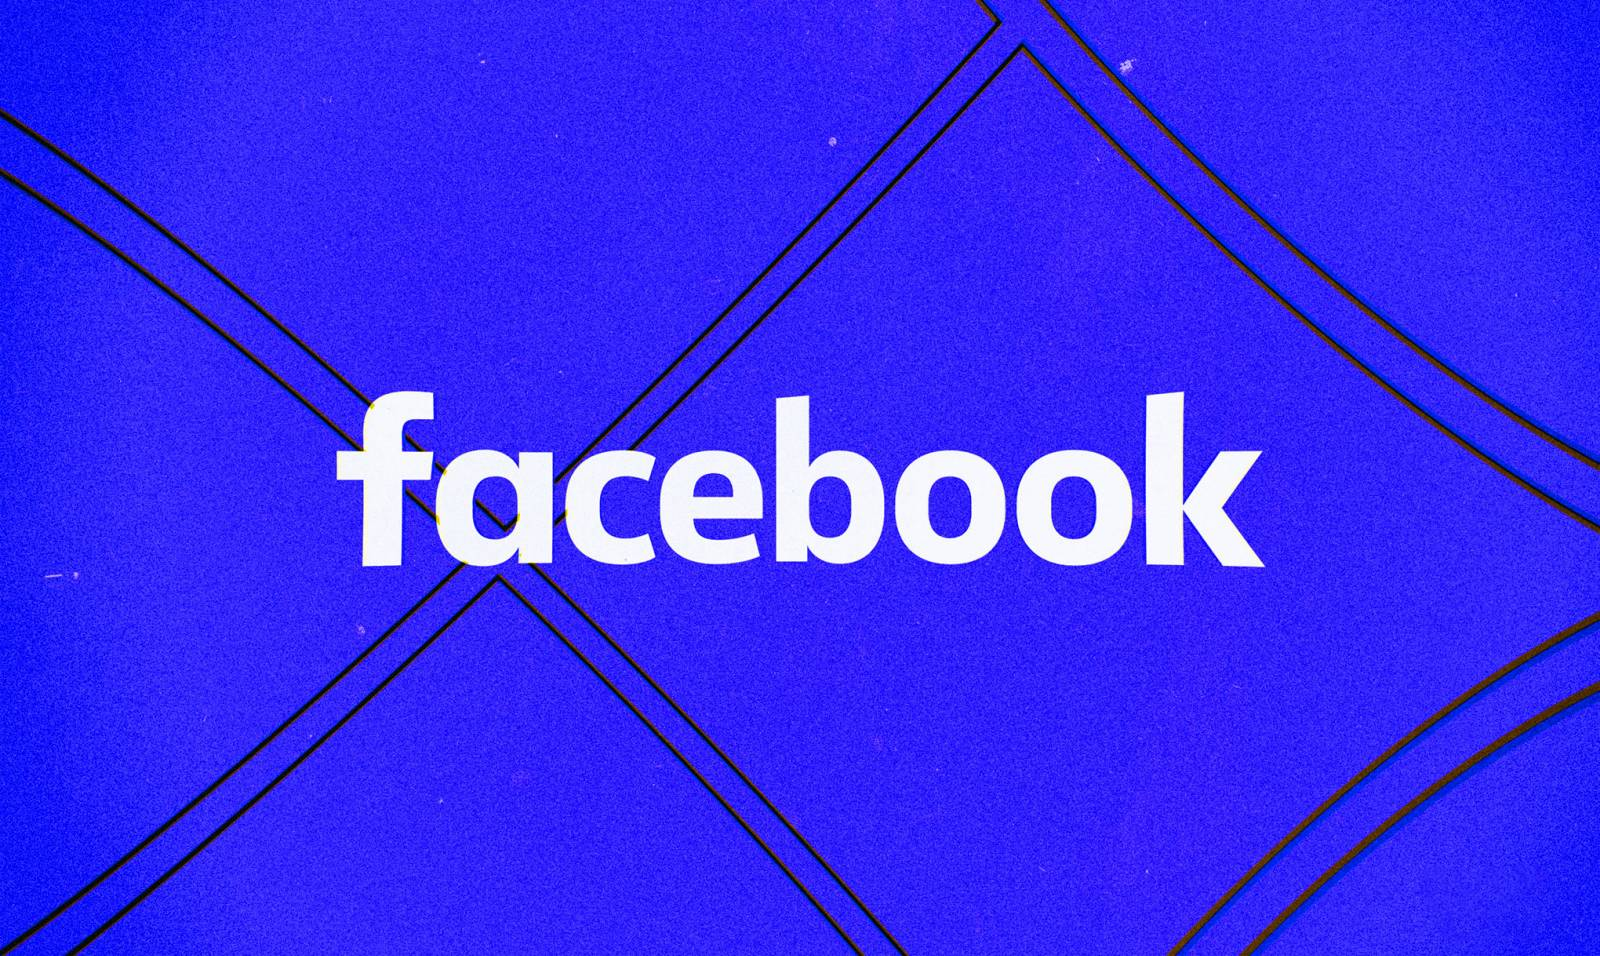 Facebook Schimbarile din Actualizarea Aplicatiei pentru Telefoane, Tablete